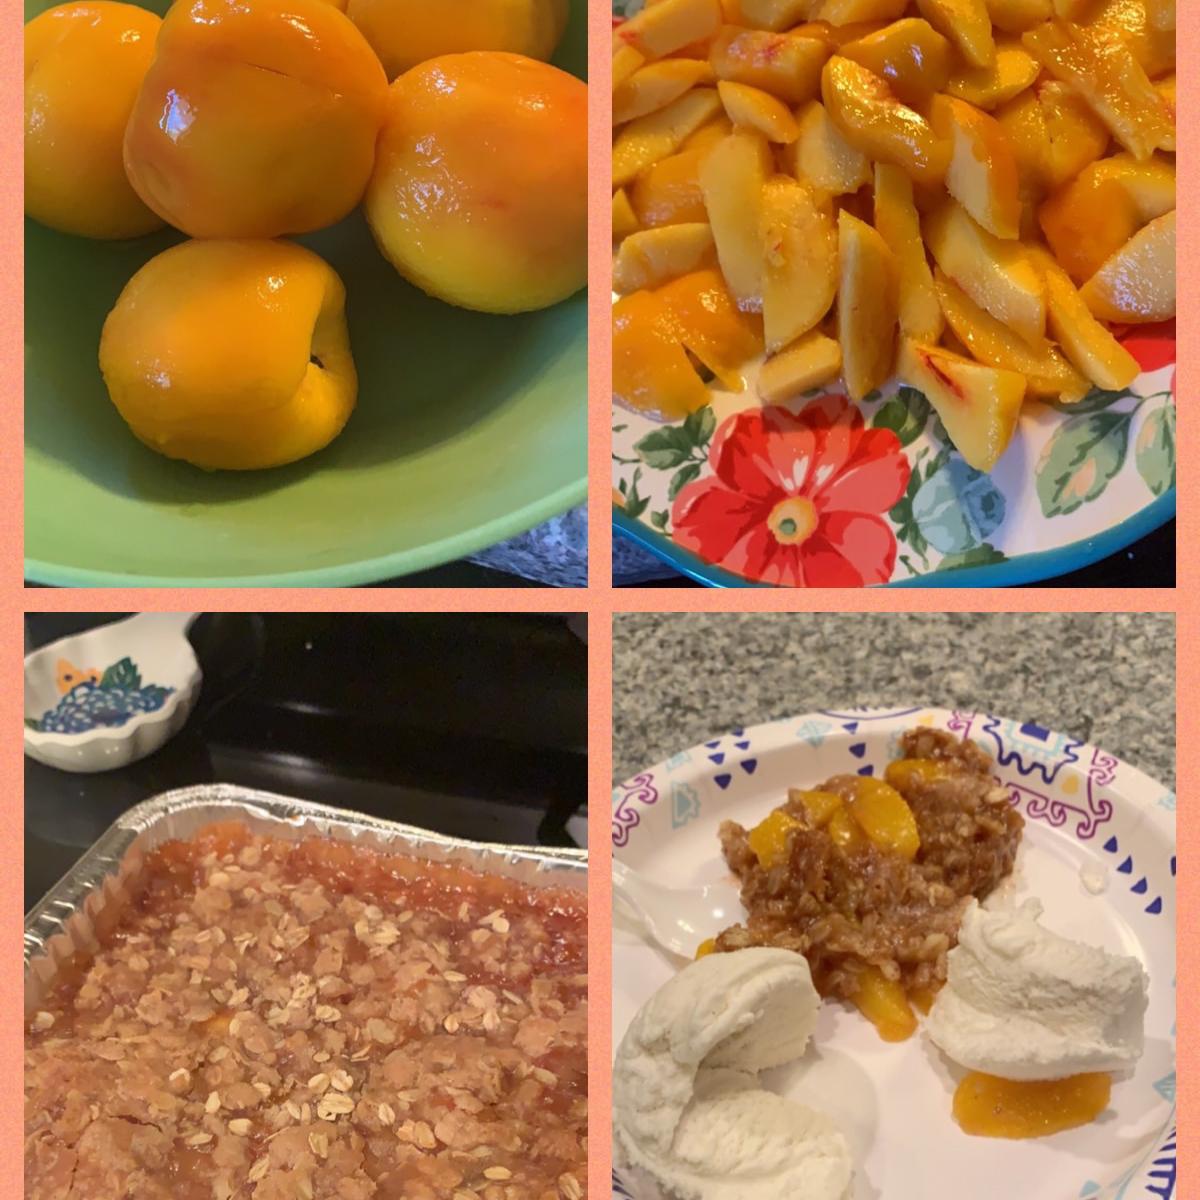 Juicy Peach Crisp